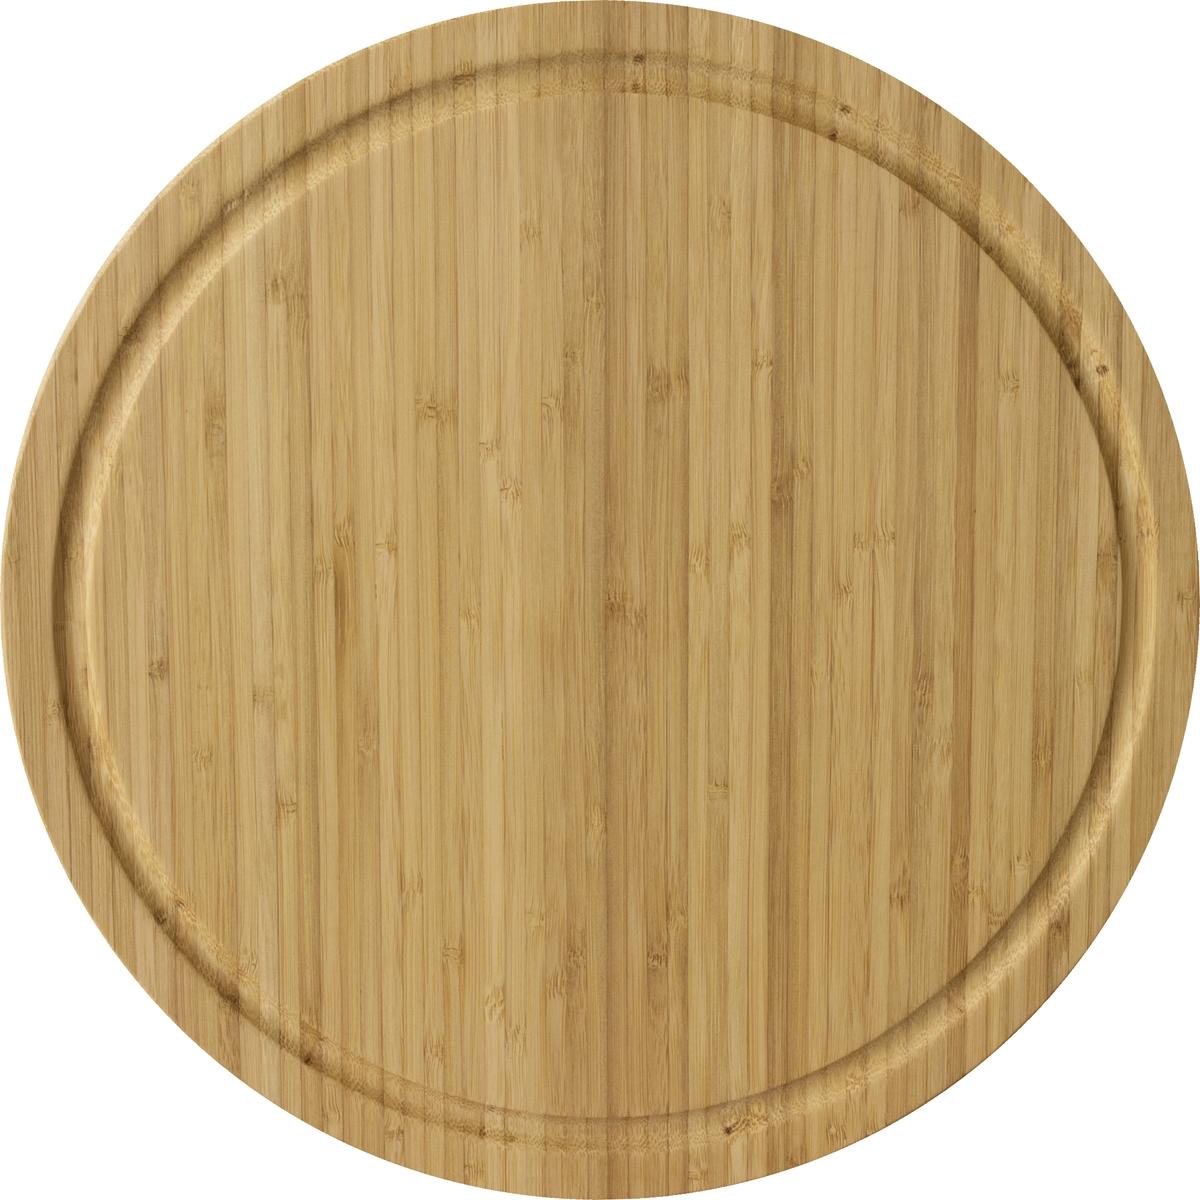 Разделочная доска круглой формы выполнена из экологически чистого материала бамбук. Легко моется и быстро сохнет.